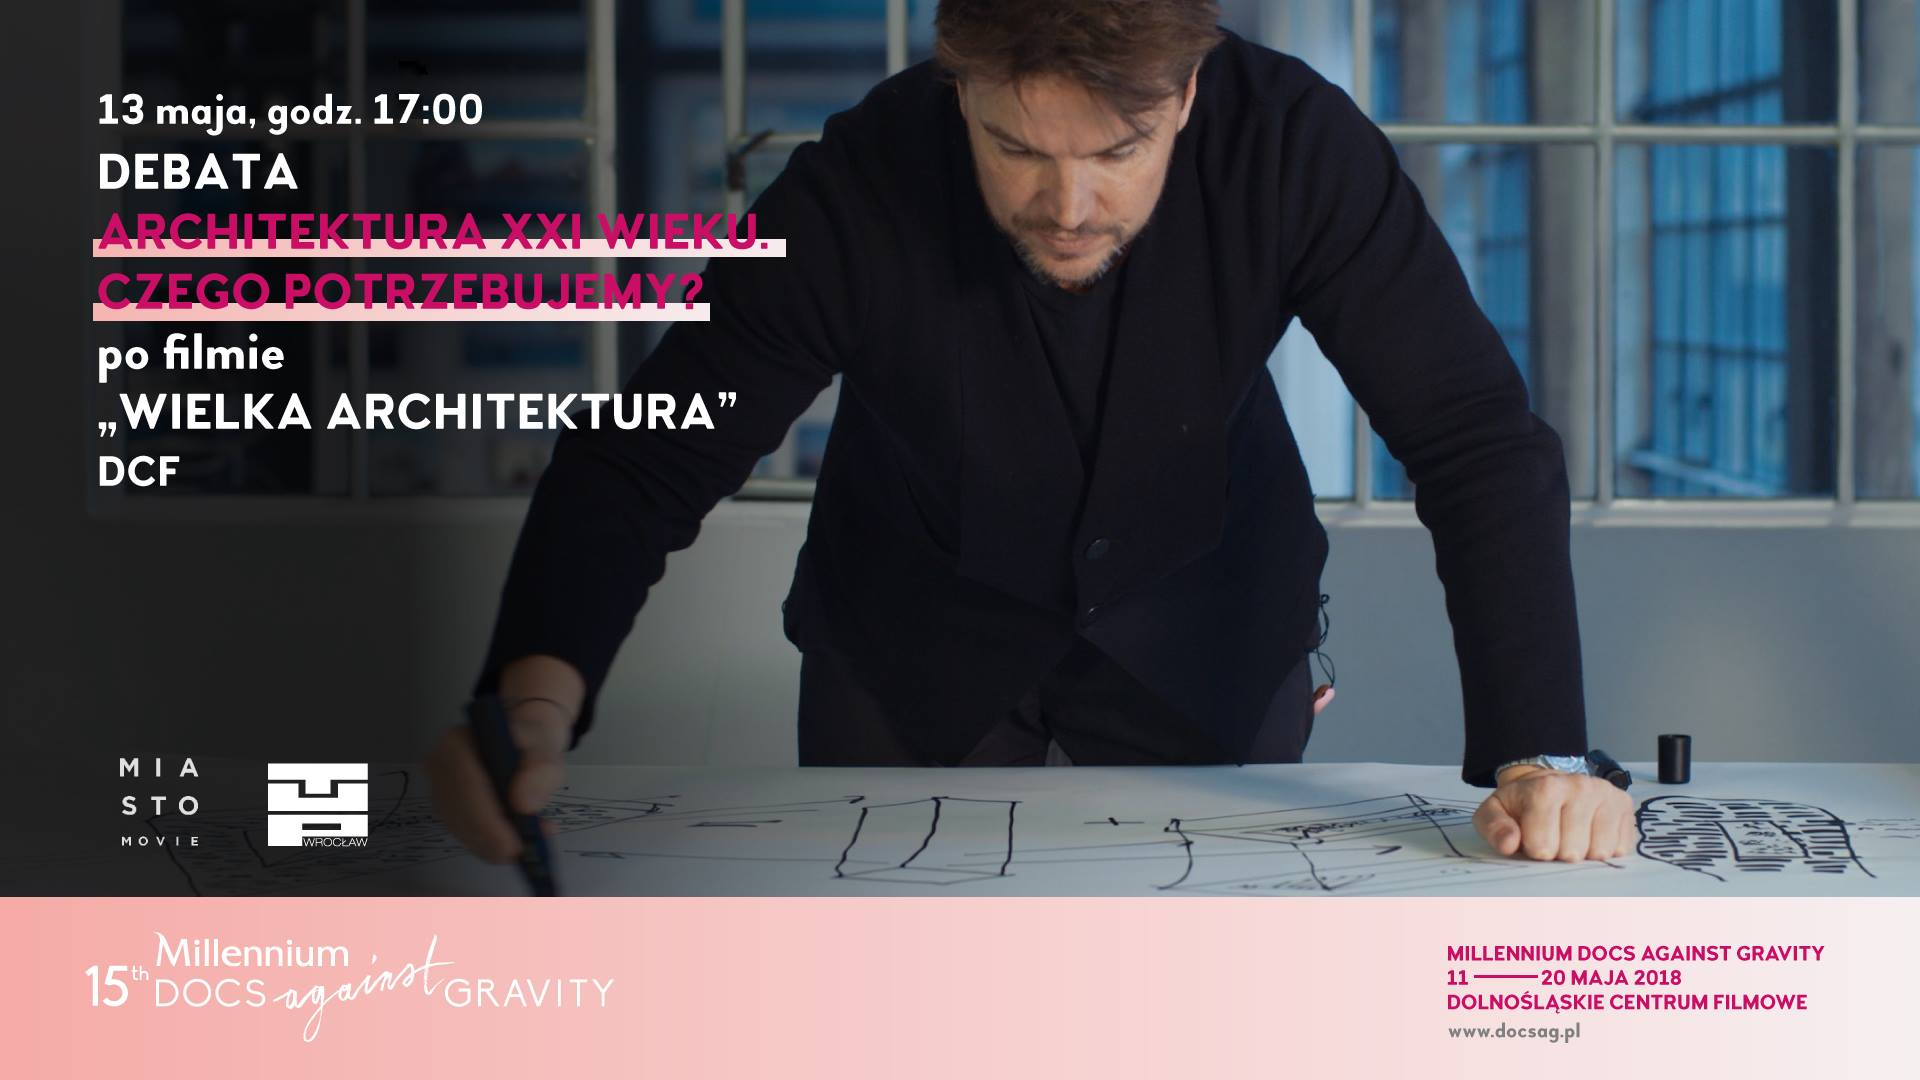 """""""Wielka architektura film + debata"""